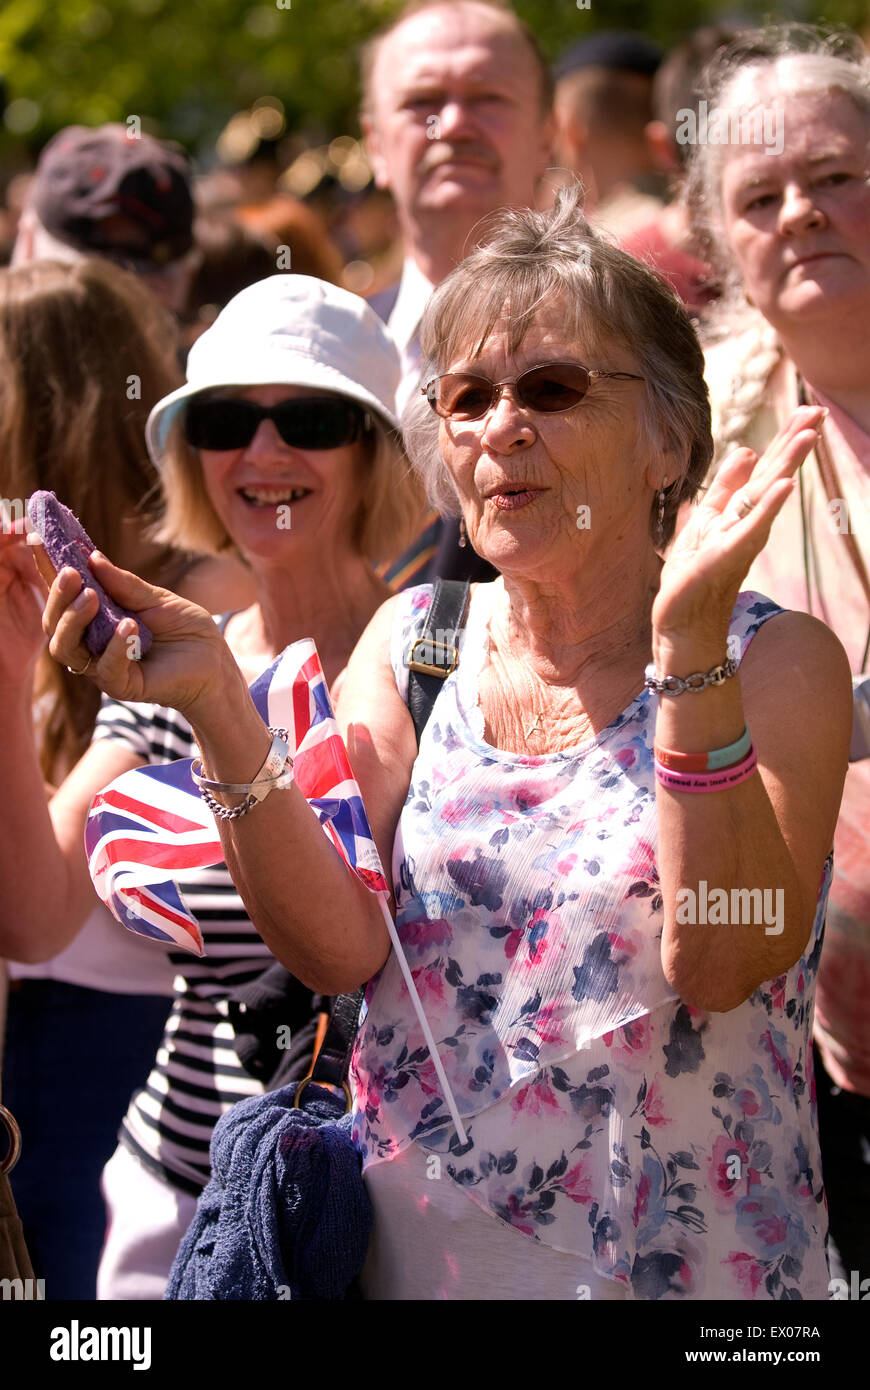 Muestra de patriotismo de la multitud en la despedida a la guarnición Festival, Bordon, Hampshire, Reino Unido. Imagen De Stock